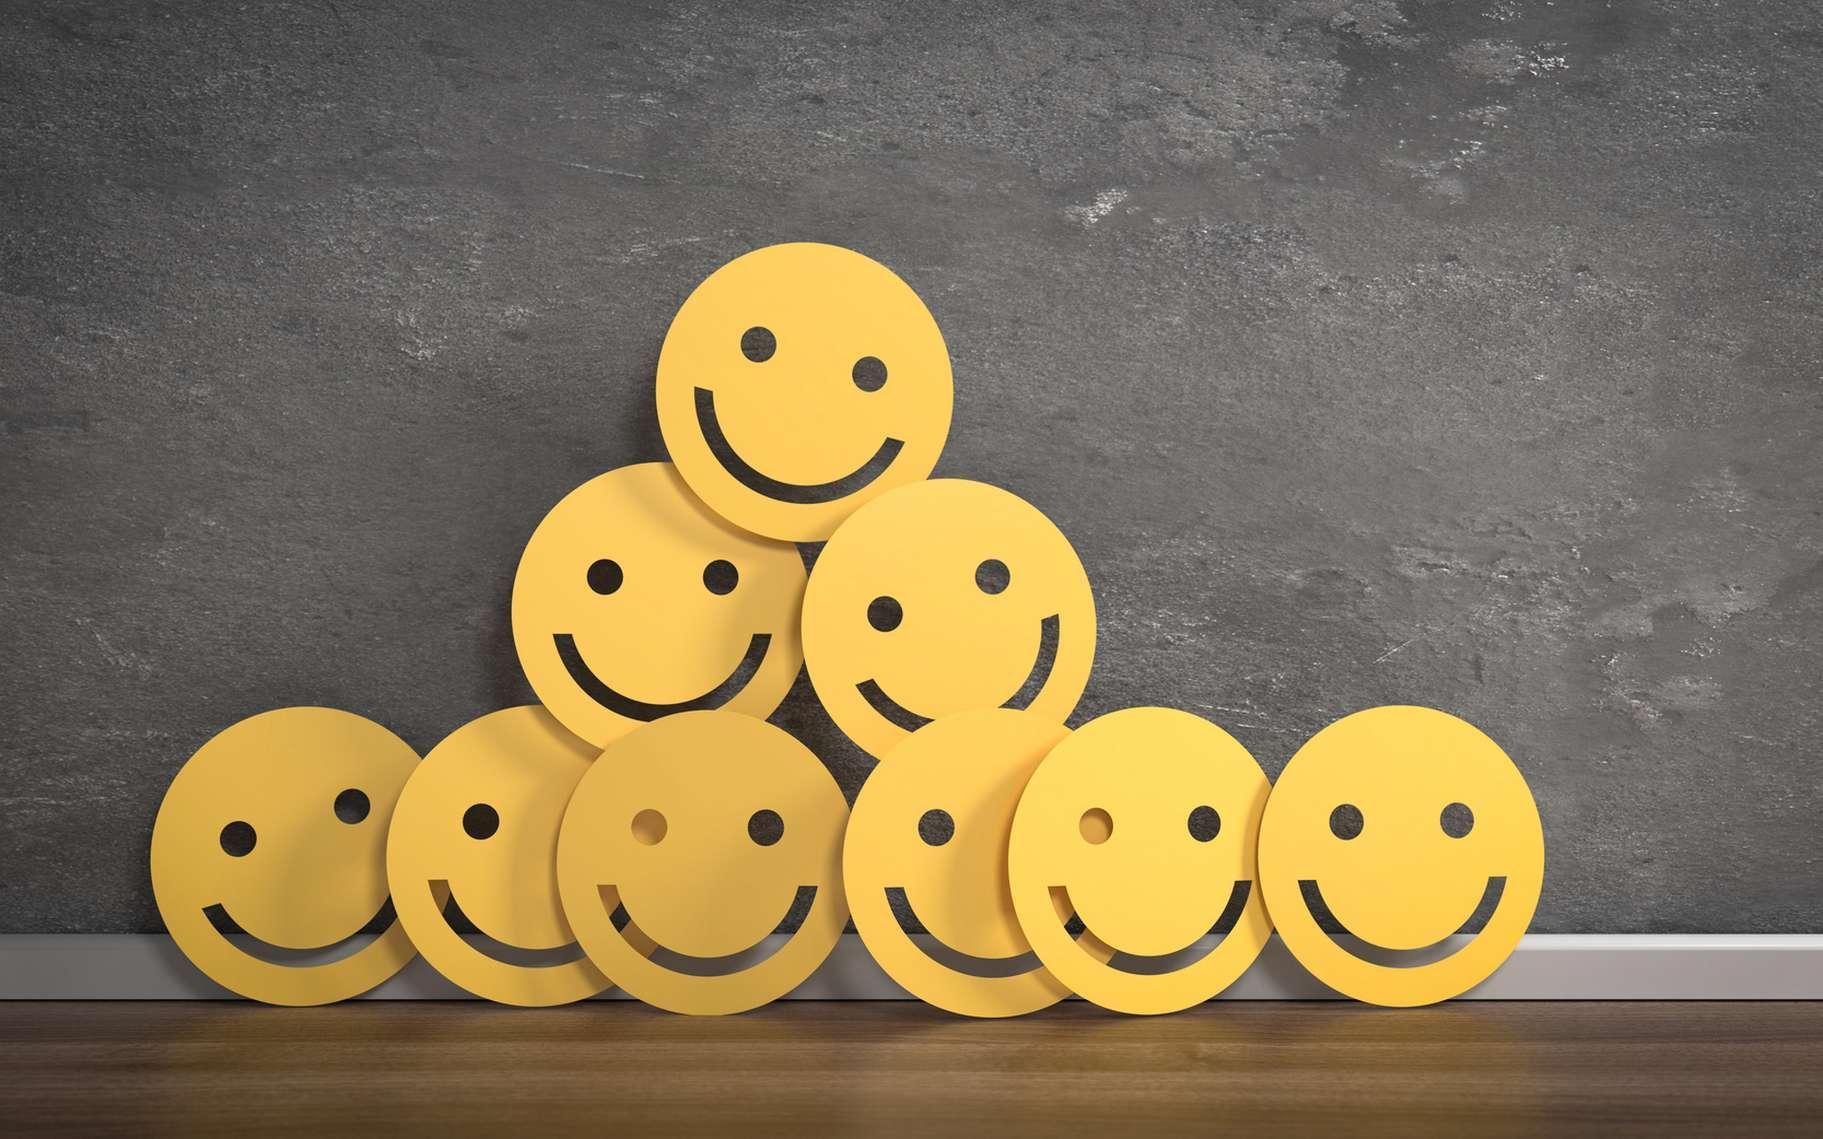 Six recettes scientifiquement validées pour accroître son bonheur. © fotomek, Fotolia